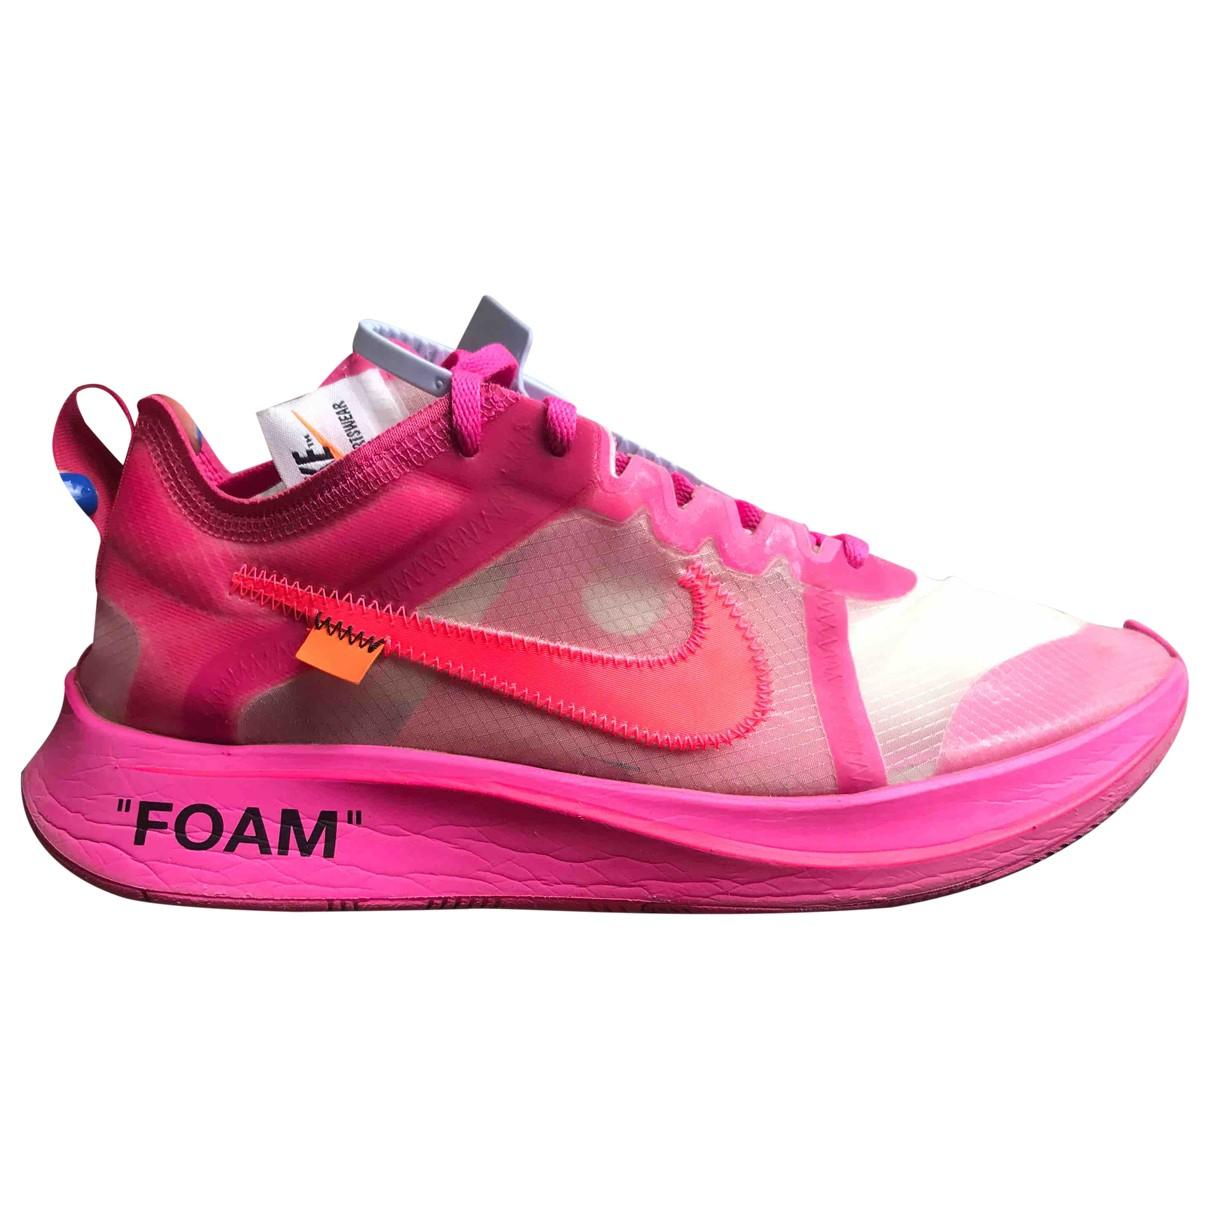 Nike X Off-white - Baskets Zoom Fly pour femme en caoutchouc - rose